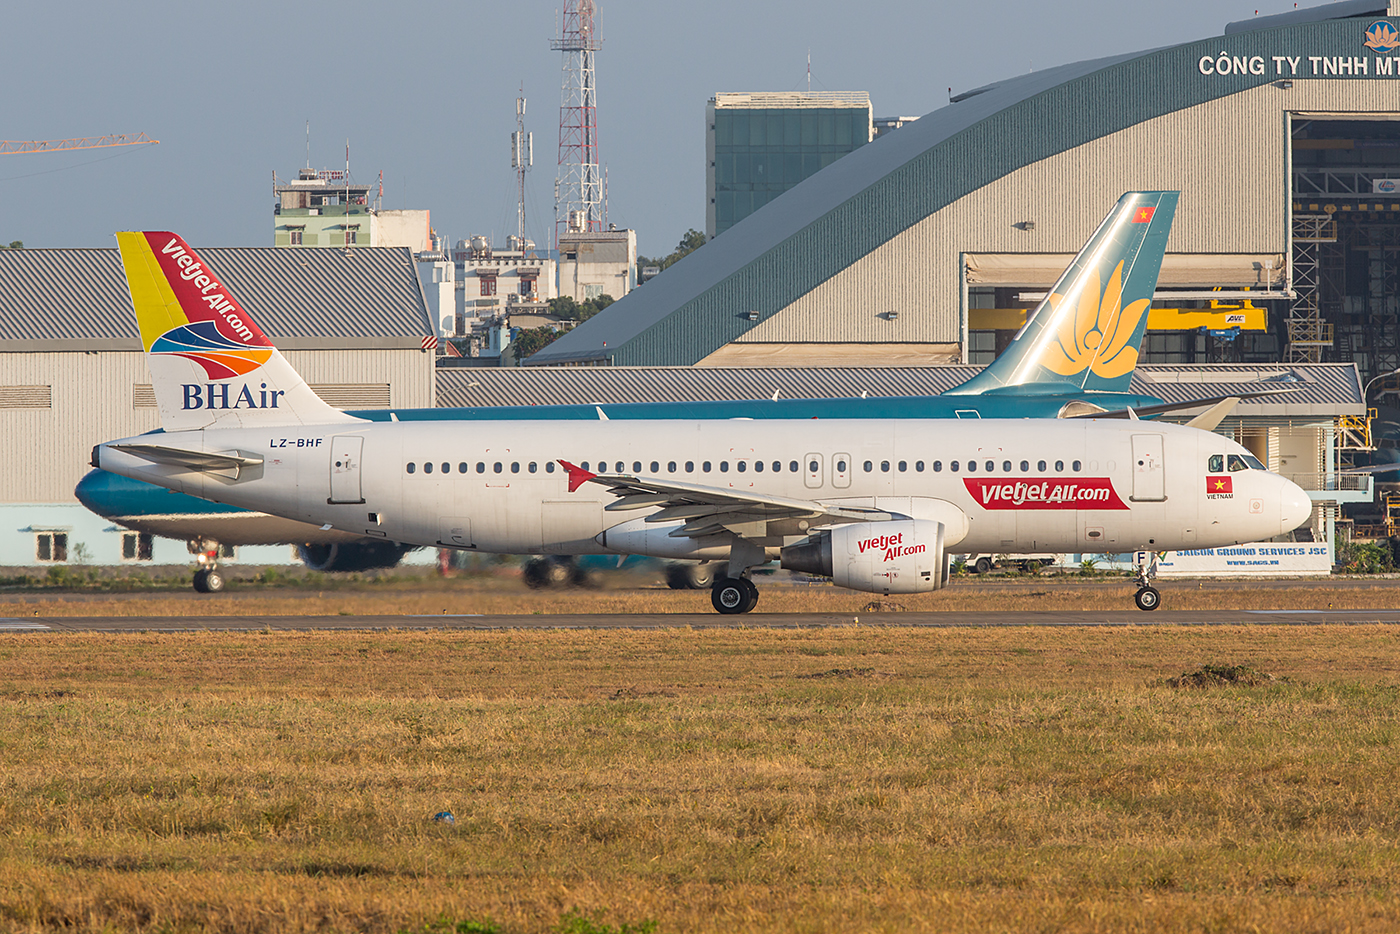 Die LZ-BHF fliegt zum wiederholten Mal für Vietjet.